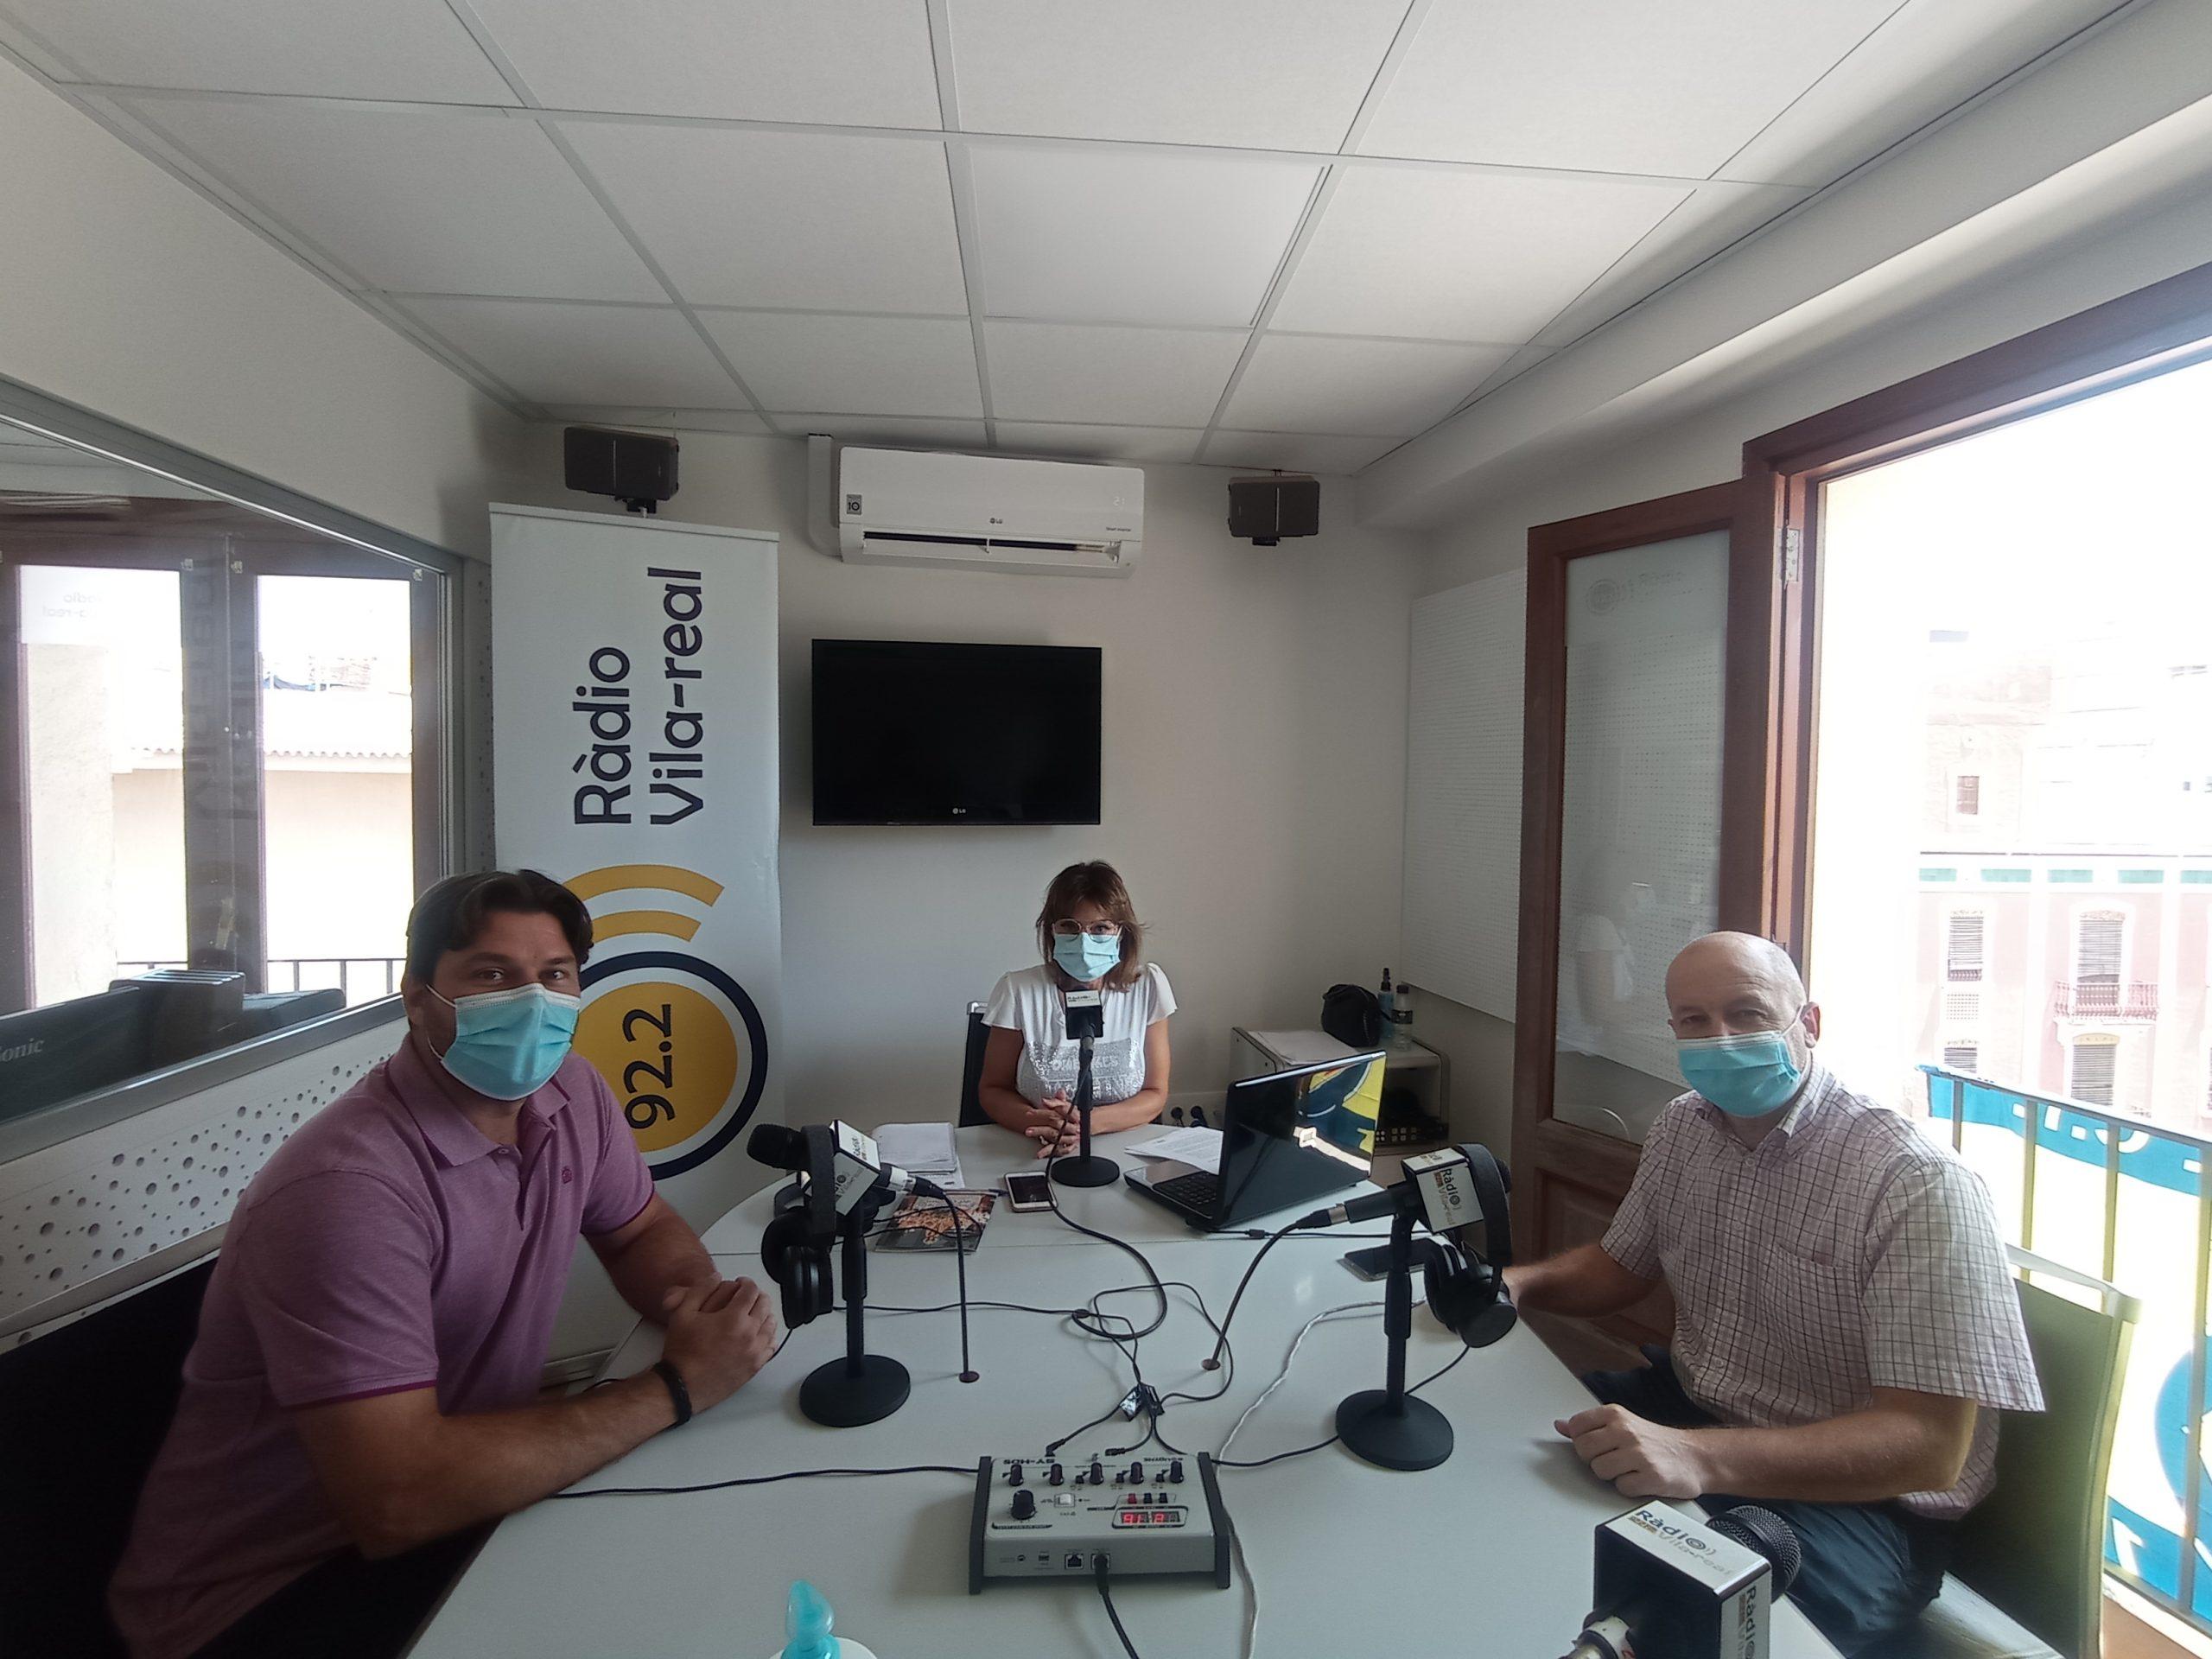 Entrevista al secretario de Fundació Caixa Rural de Vila-real, Josep Ramos, y coordinador de Nuevas Tecnologías de Fundación Manantial, Luis Cuni